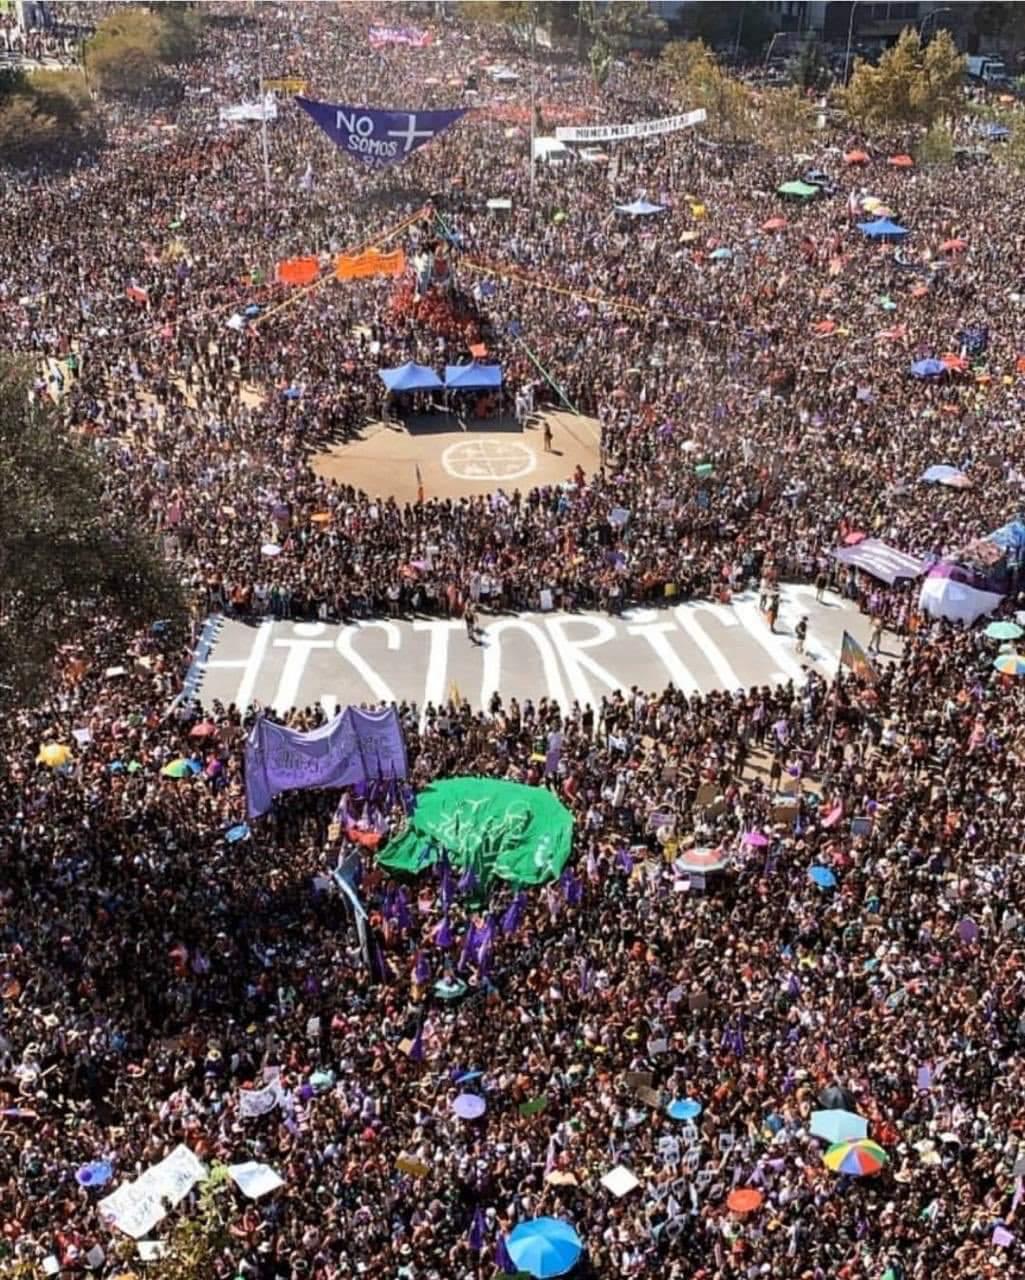 «¿Cuál fue el afán de «engañar»?: Desmienten cifra de 150 mil asistentes a marcha del 8M dada por Carabineros